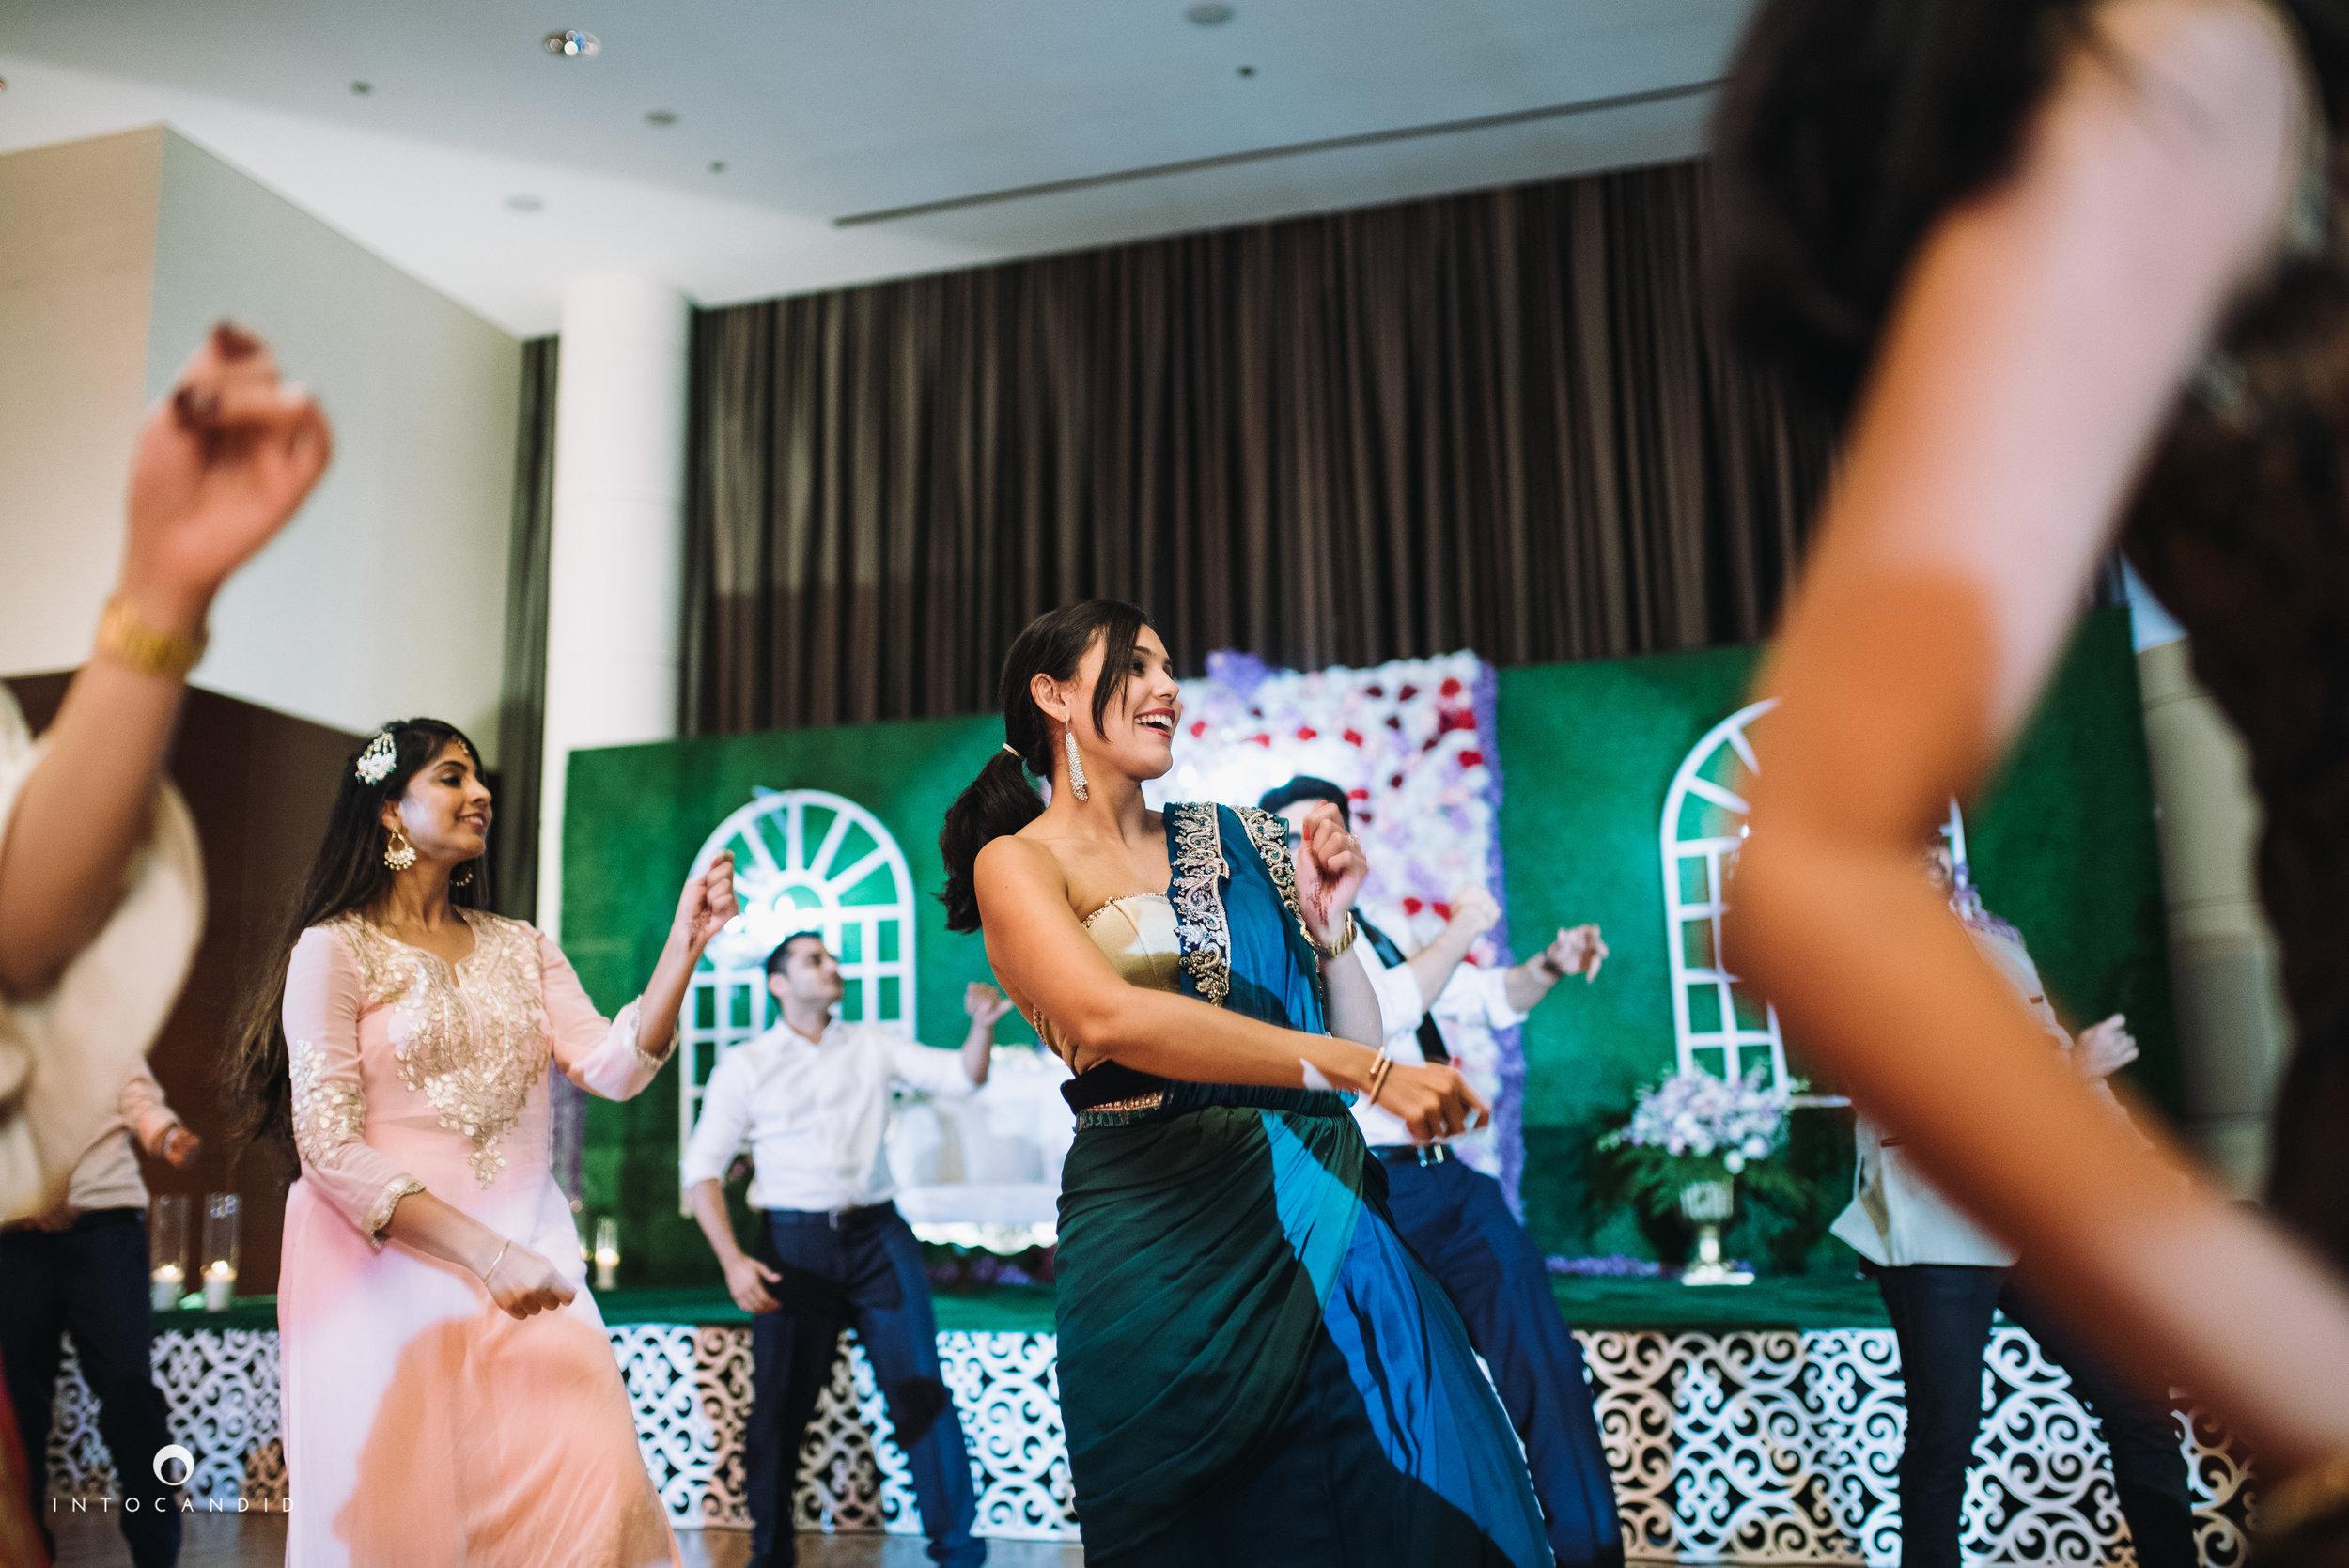 Dubai_Wedding_Photographer_71.JPG